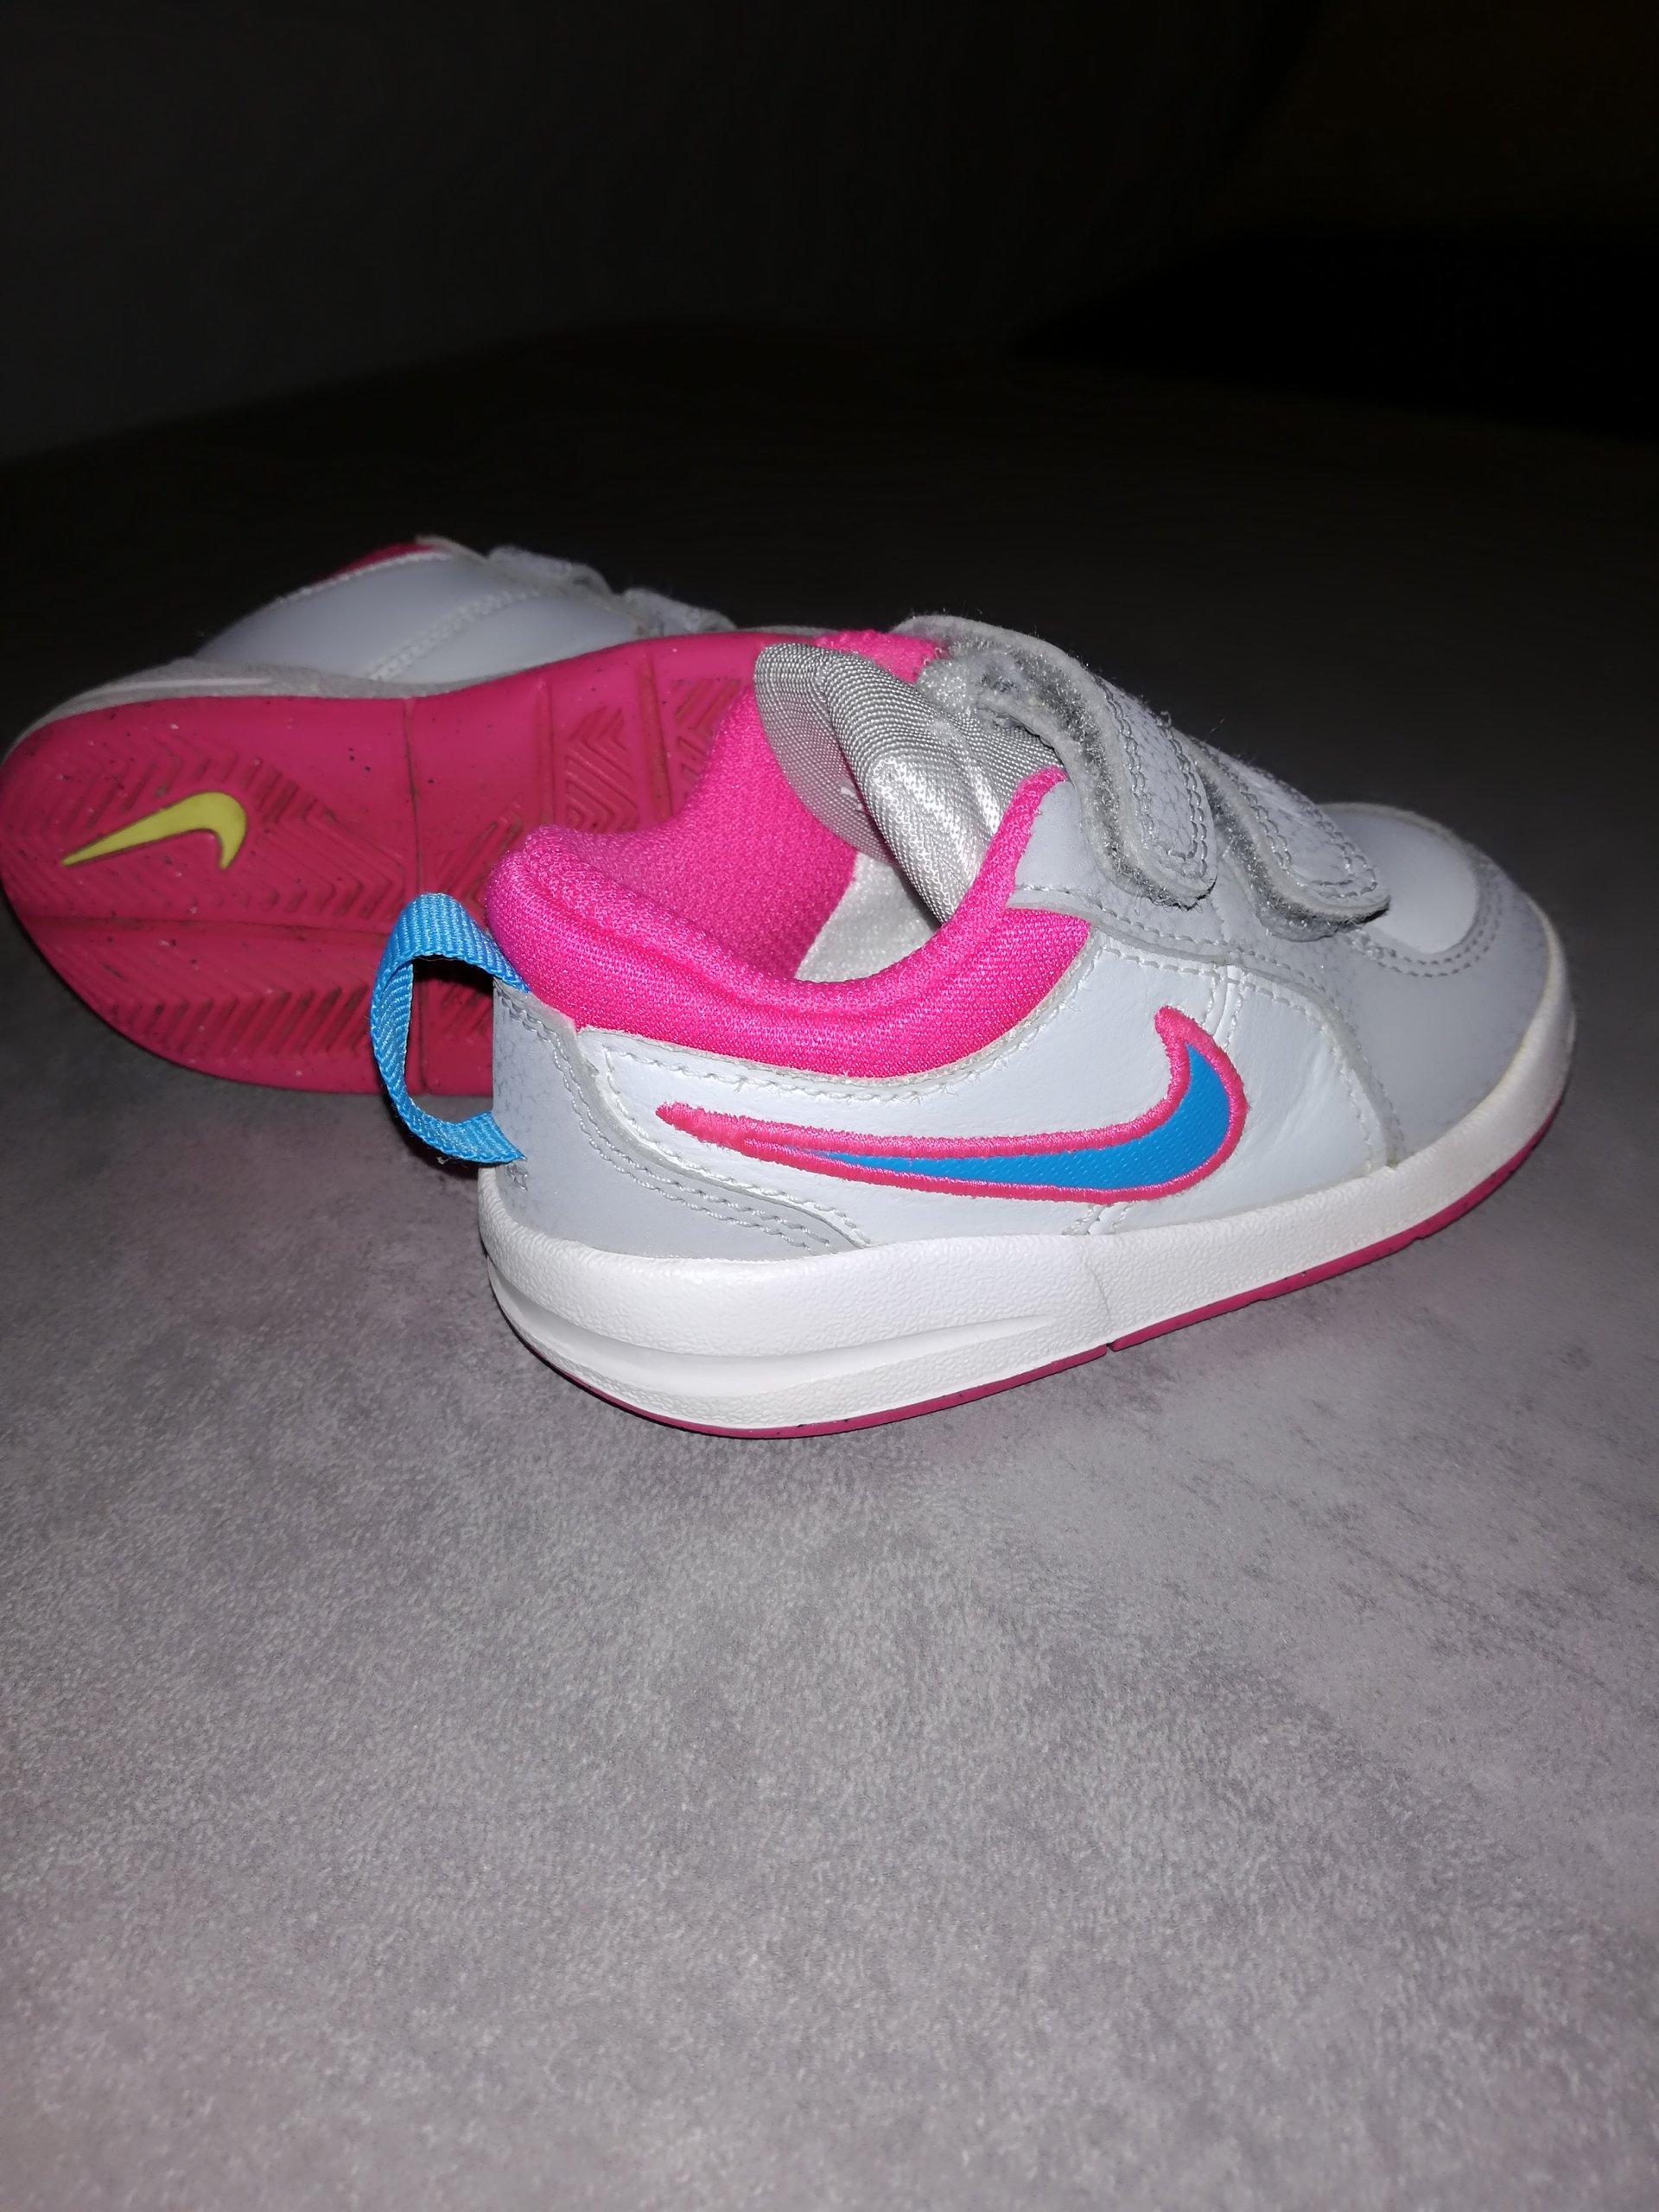 f6192355 buty dziecięce nike r.21 dla dziewczynki,używane - 7410823006 ...